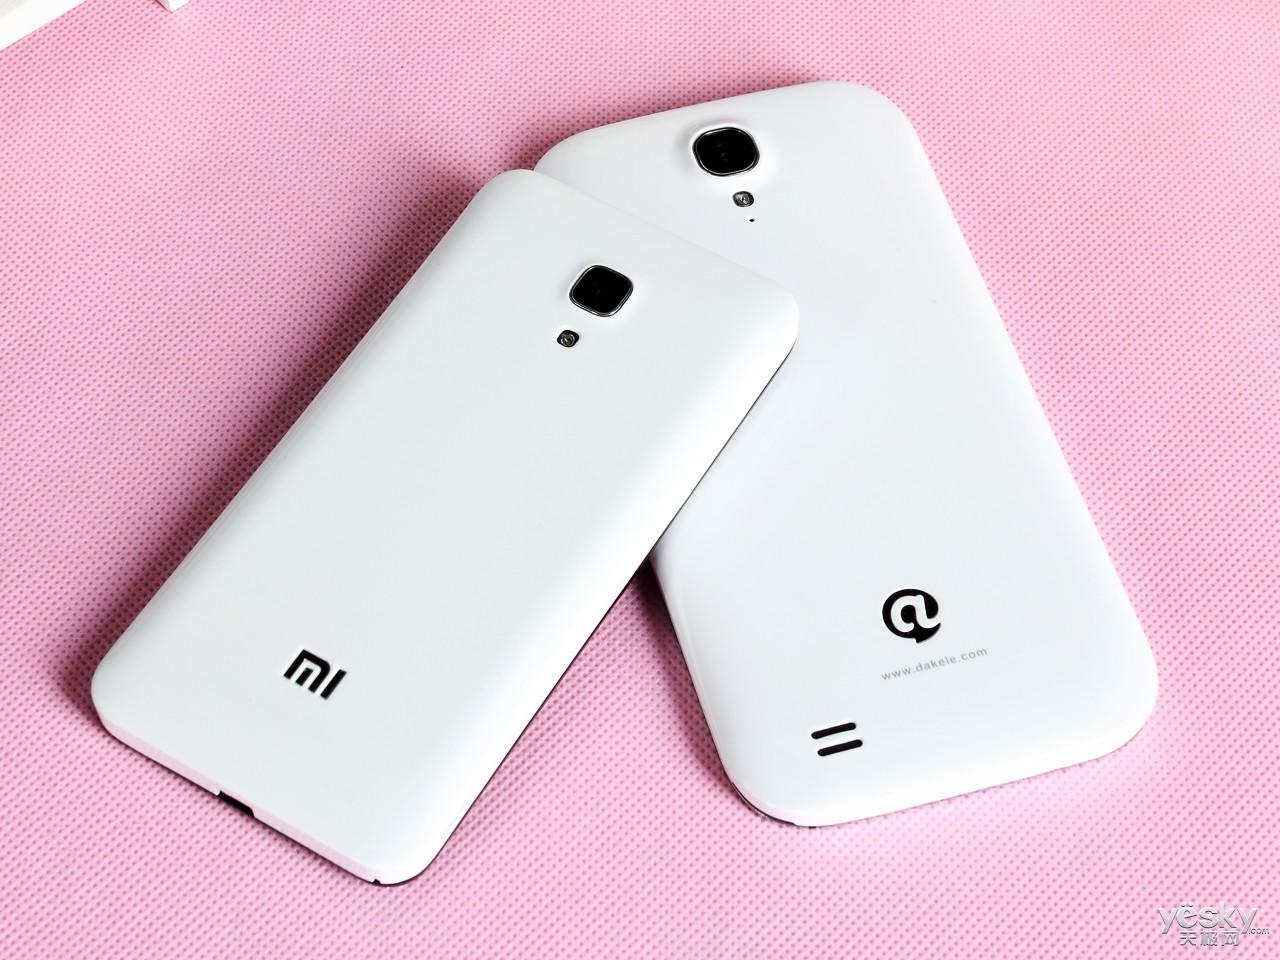 对于整体外观设计延续小米手机2家族设计的小米手机2a而言,高清图片